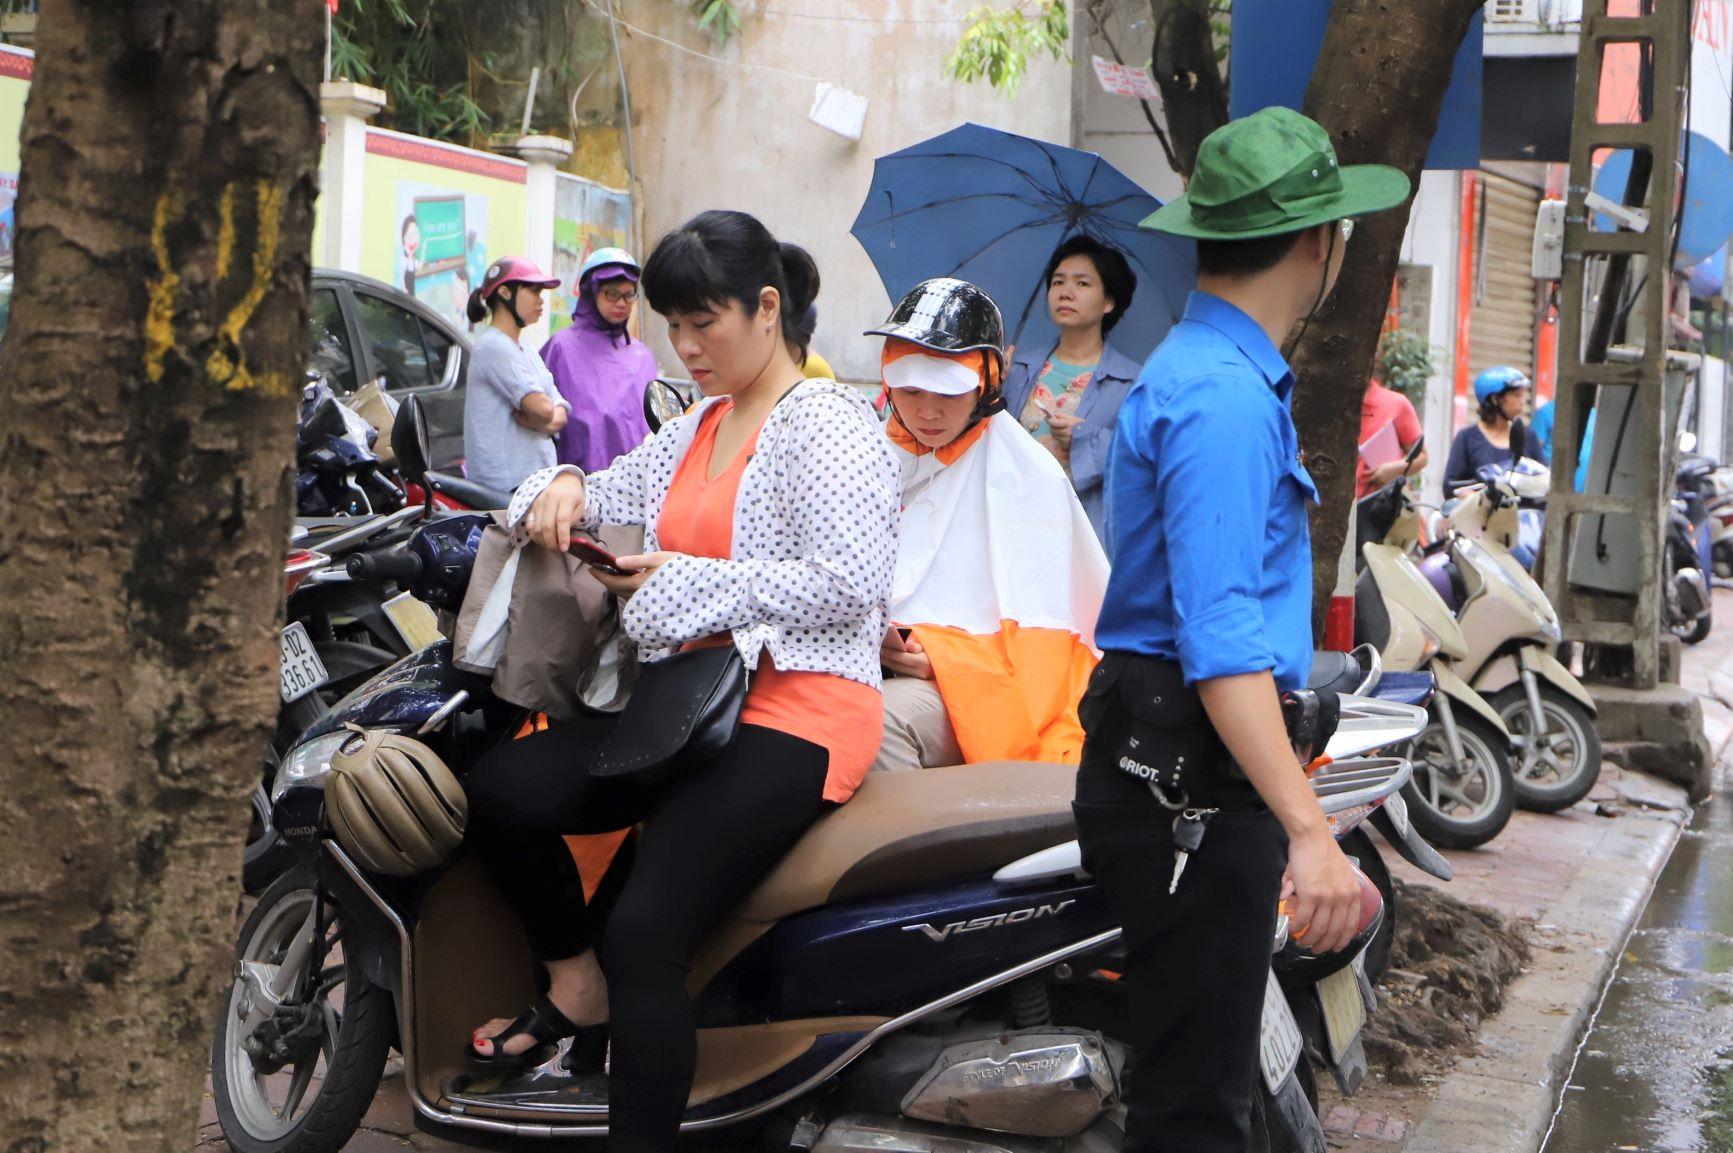 Điểm thi THCS Chu Văn An khá chật chội nên phụ huynh chật vật tìm chỗ ngồi, tranh thủ lướt điện thoại cho đỡ sốt ruột